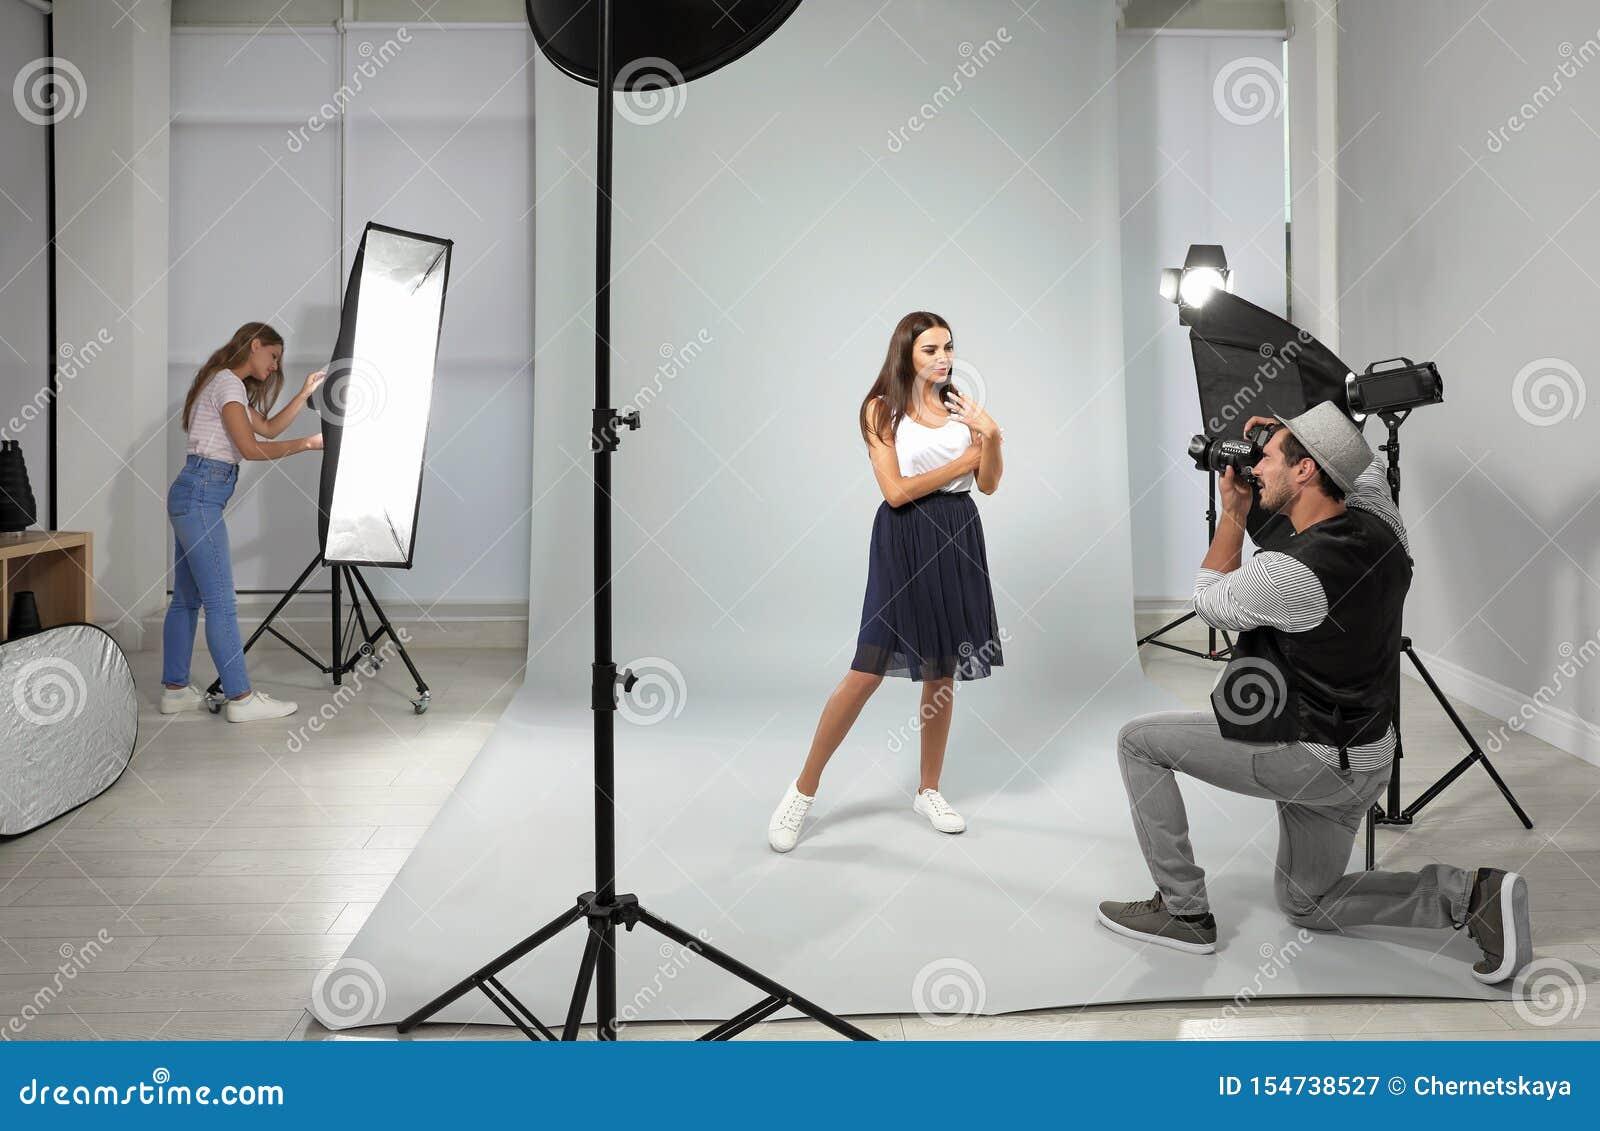 Professionele fotograaf met hulp nemend beeld van jonge vrouw in studio